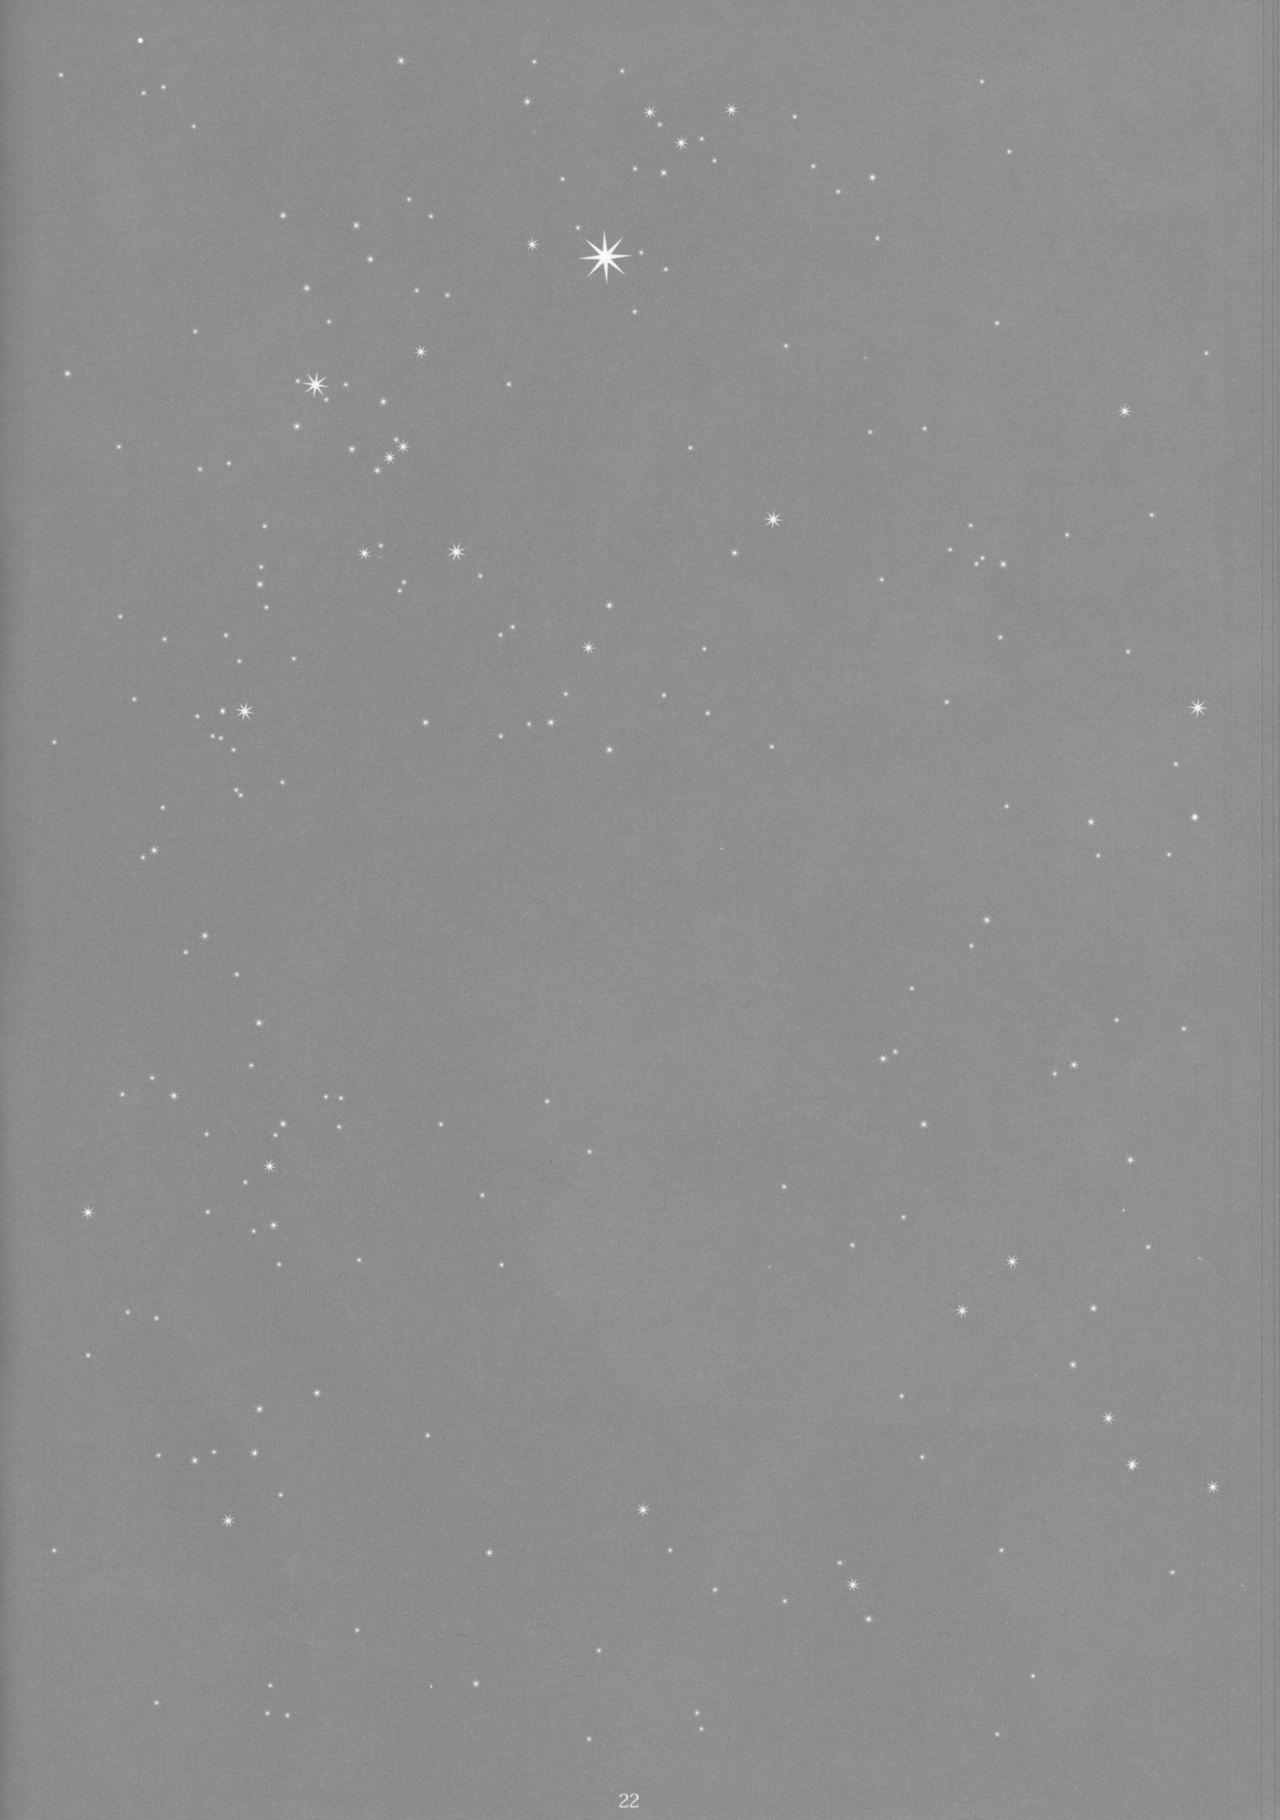 Toge hikari no navu~igātoria book 2(blue exorcist] 19